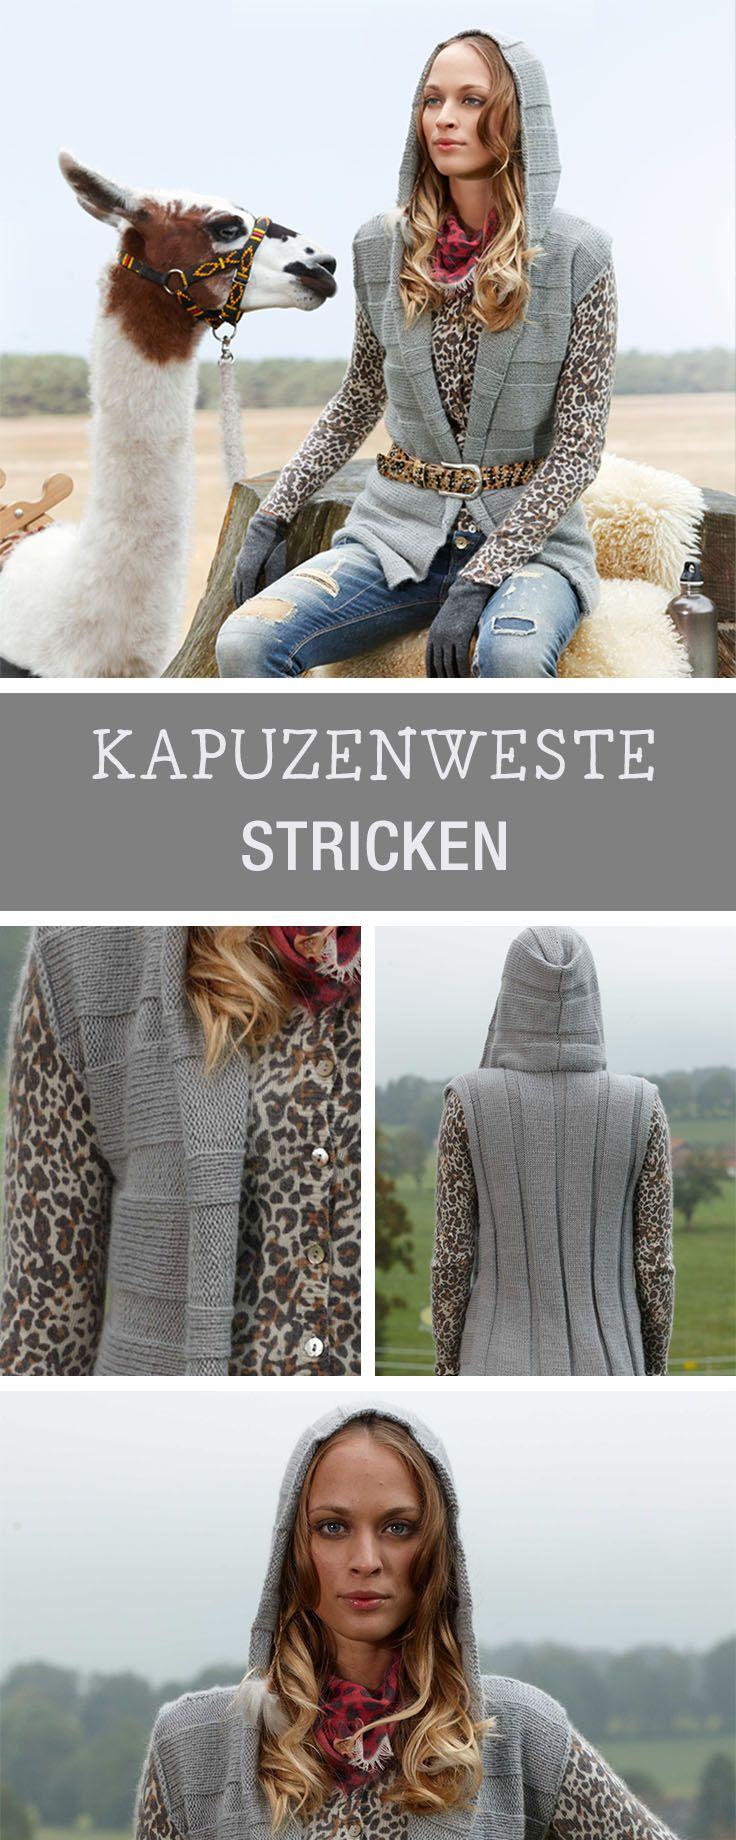 Stricken - DIY-Anleitungen | Pinterest | Weste mit kapuze, Muster ...